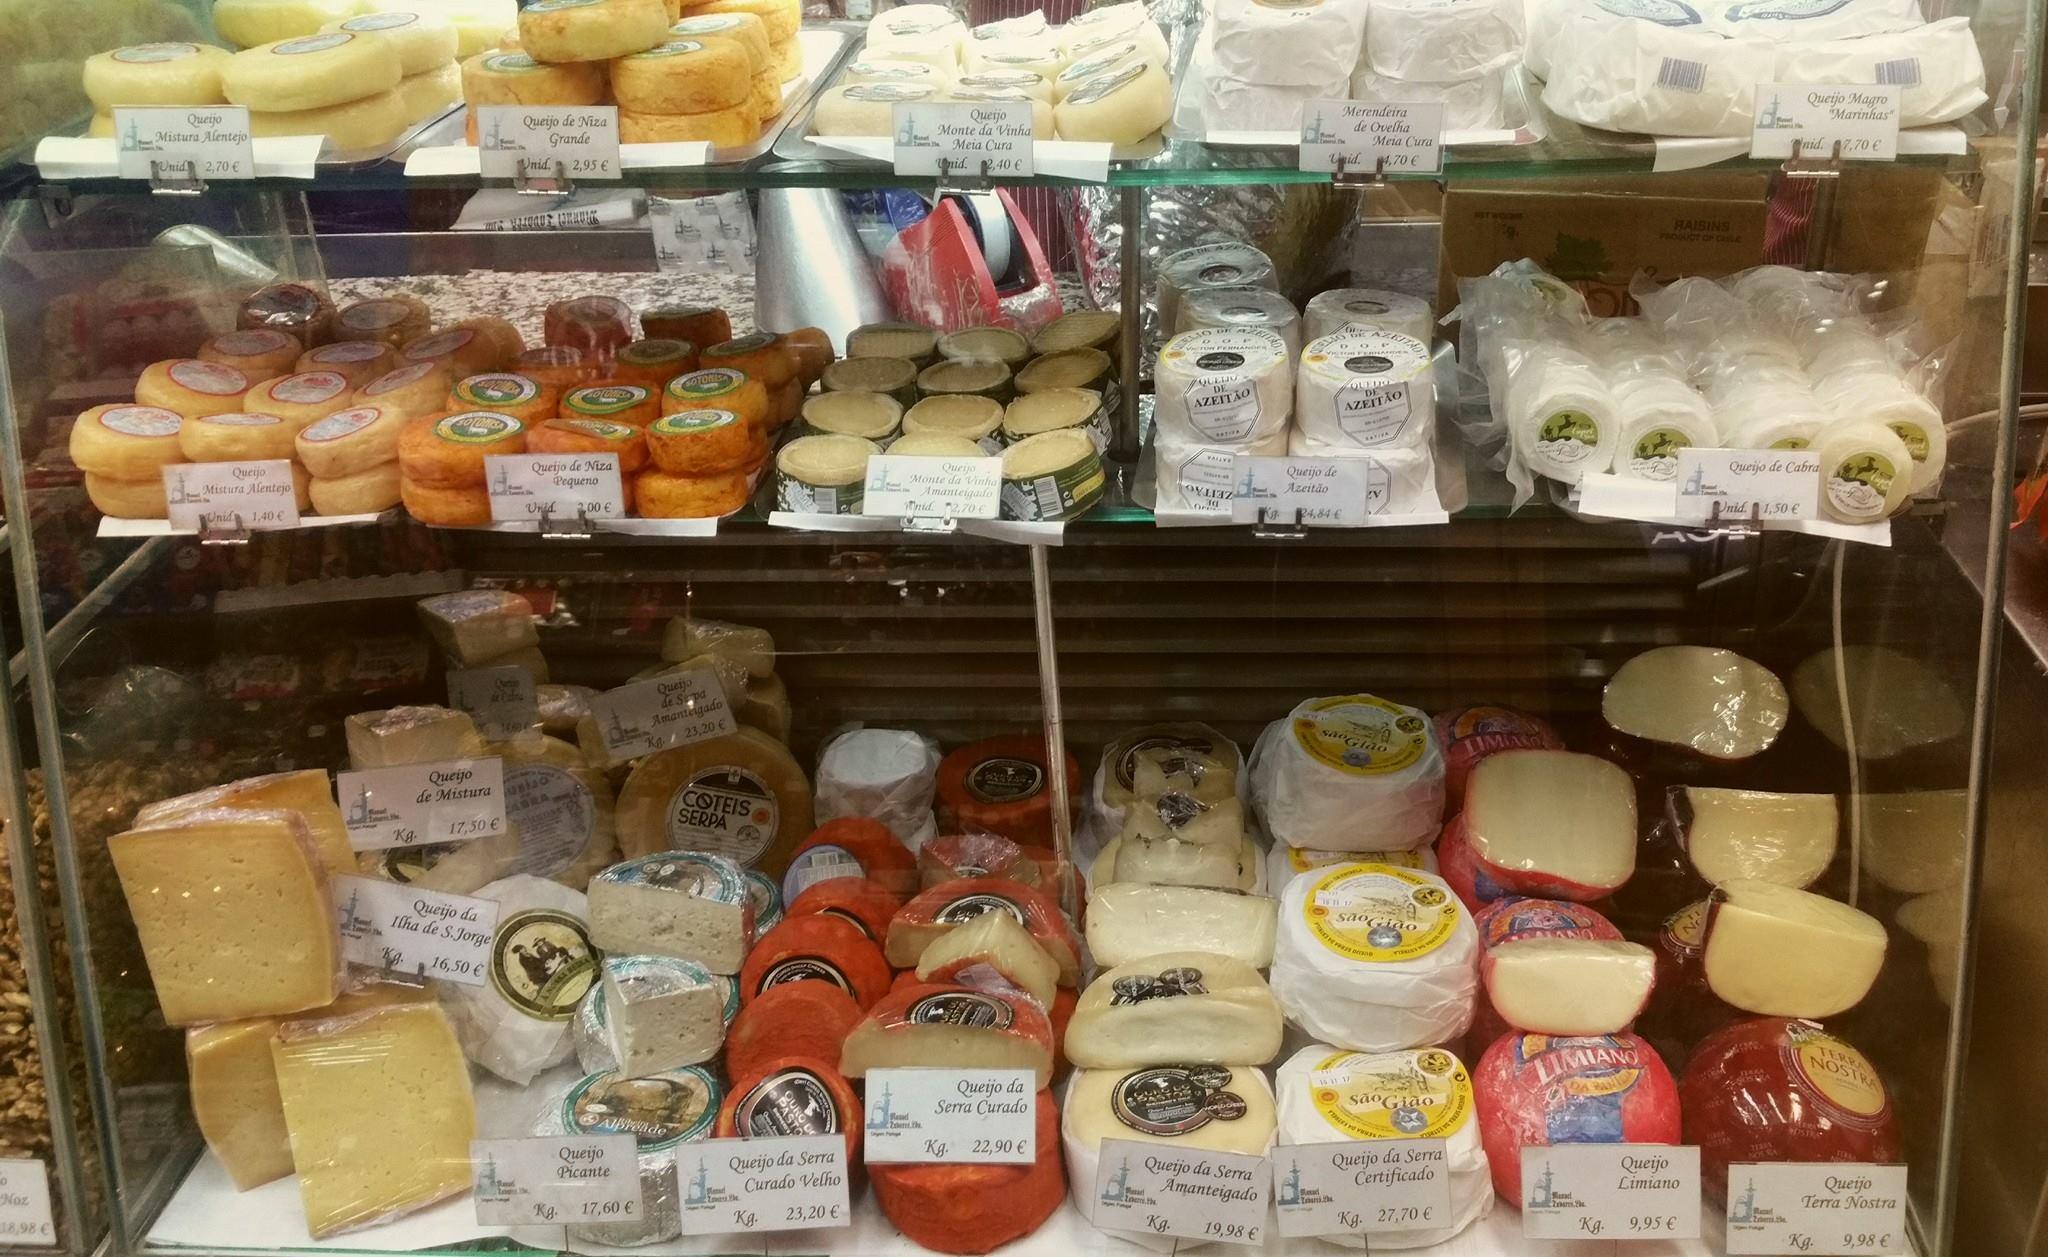 Comptoir fromages epicerie fine - Manuel Tavares - Centre - Lisbonne